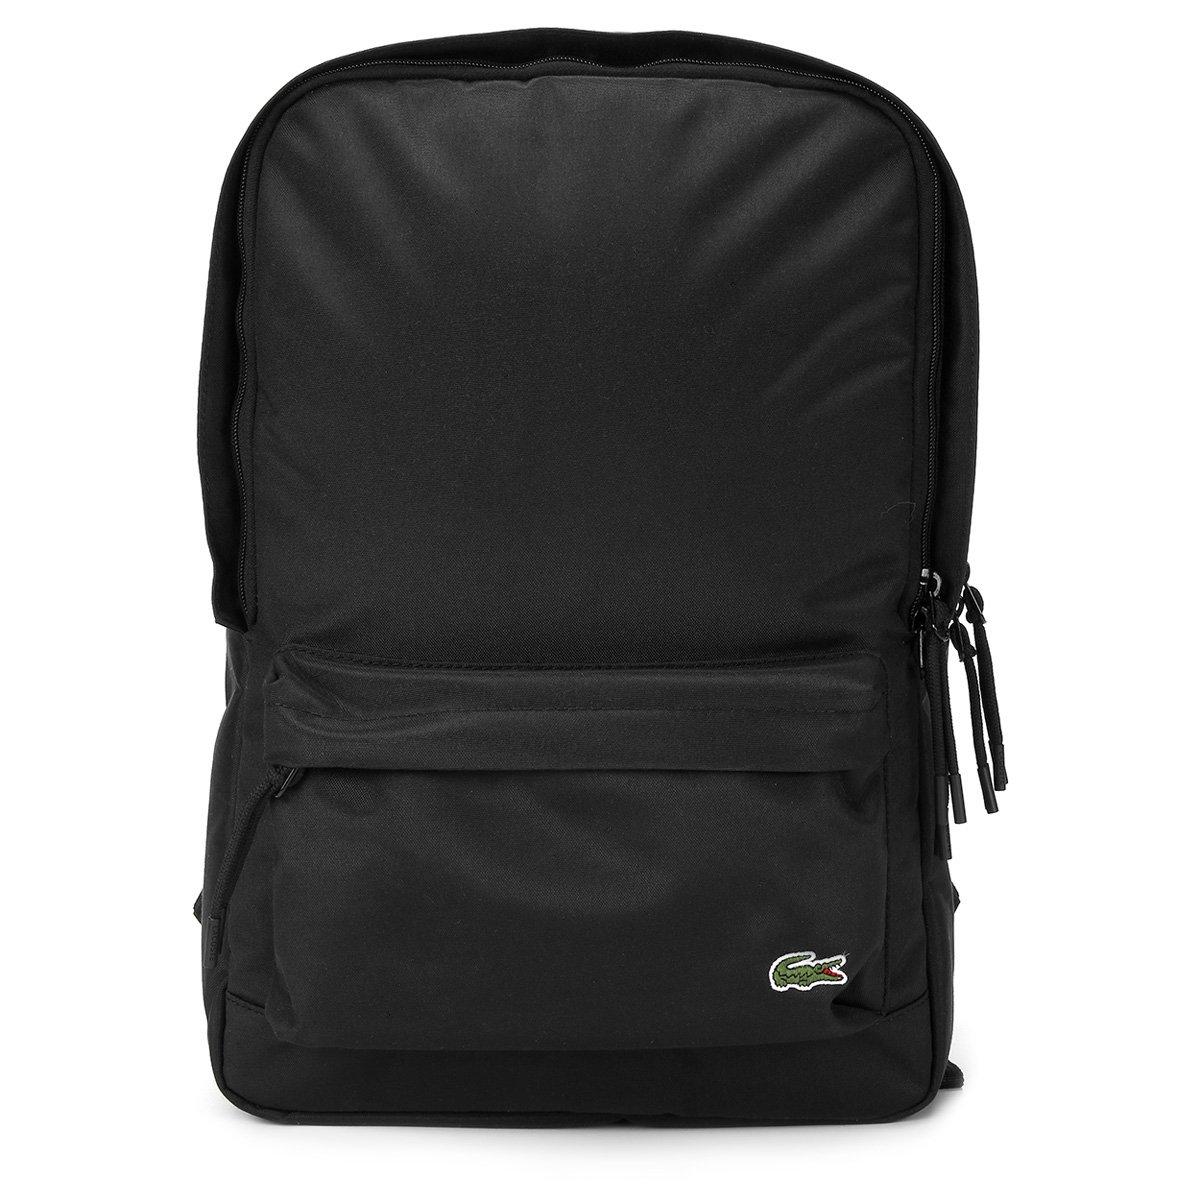 f3f40d7784141 Mochila Lacoste Square Backpack Masculina - Compre Agora